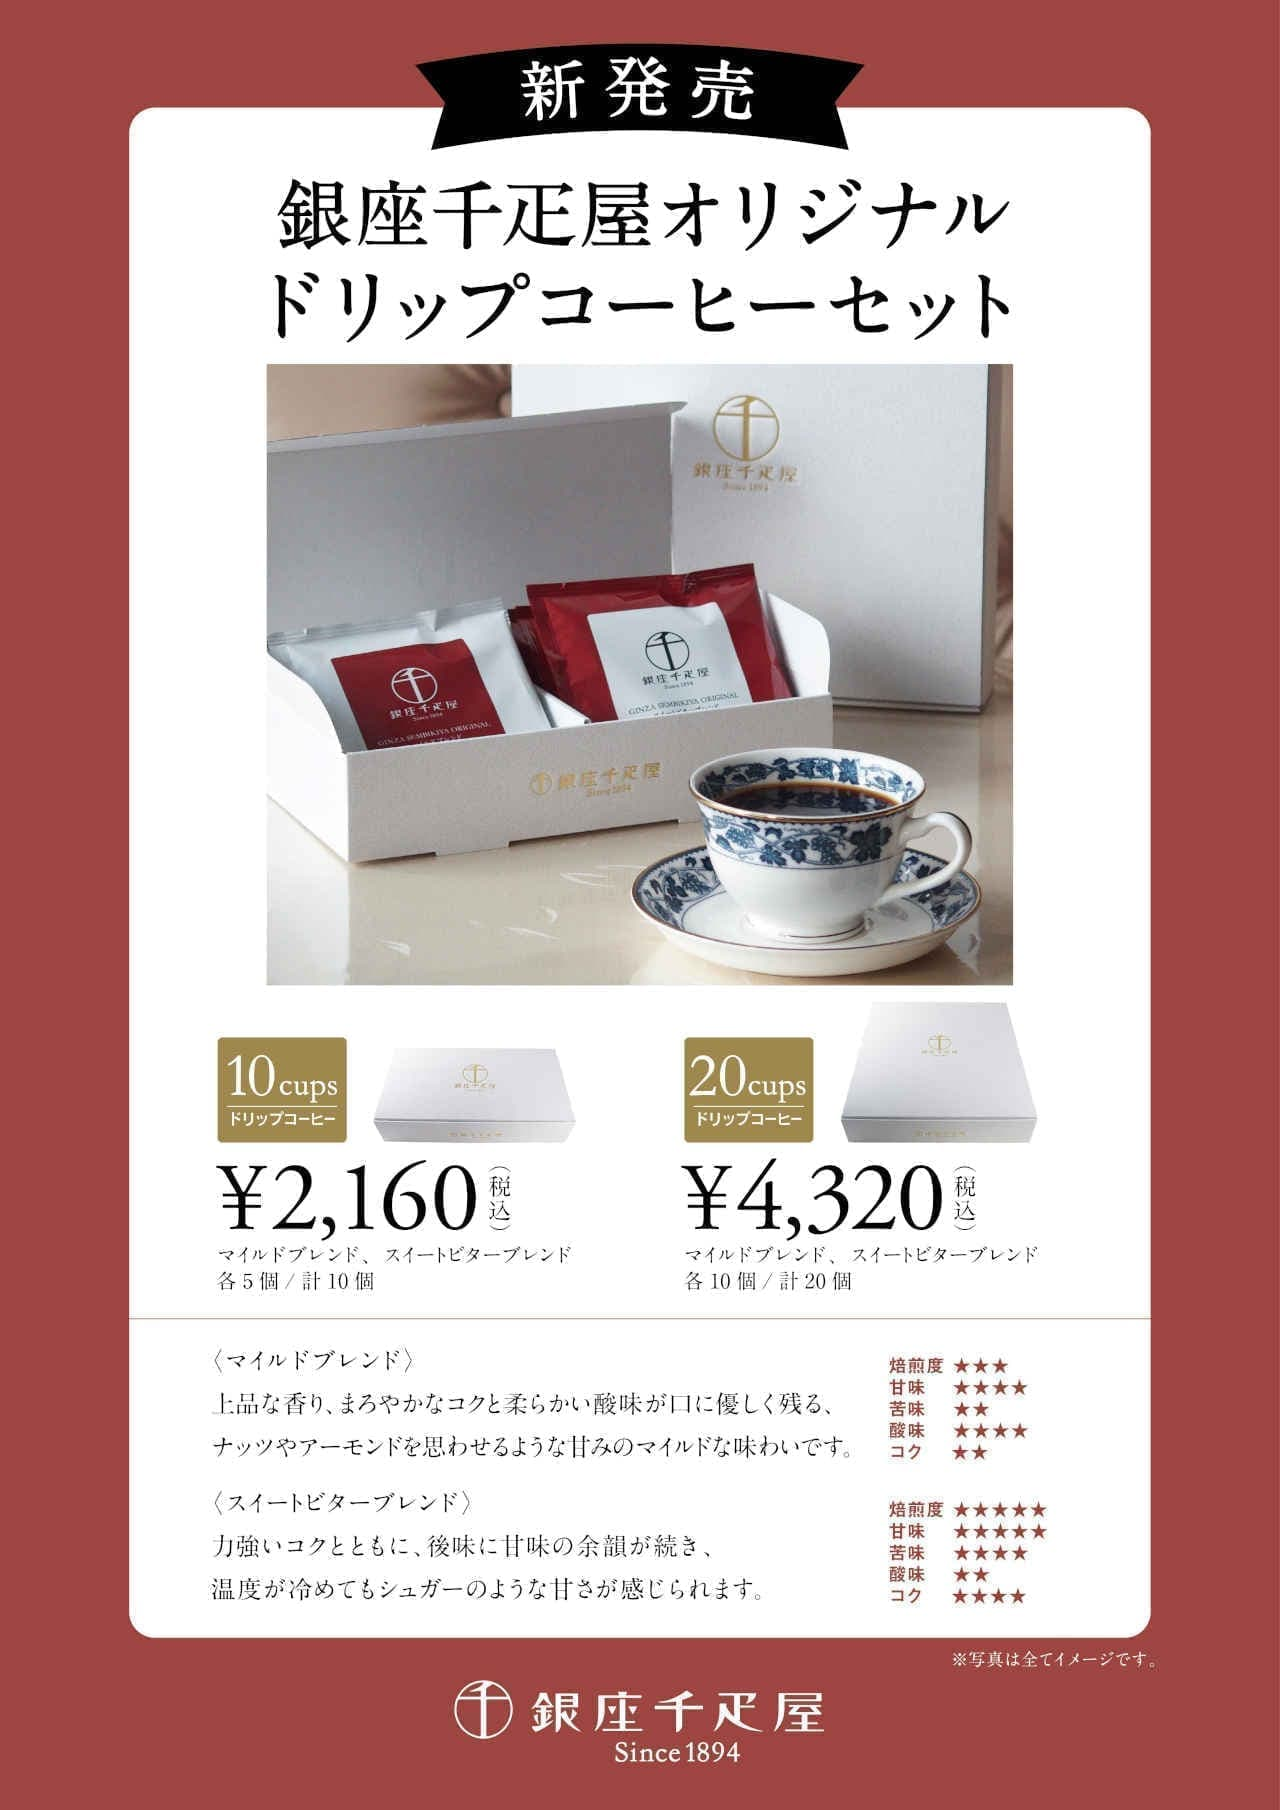 「銀座千疋屋オリジナルドリップコーヒー」店舗限定